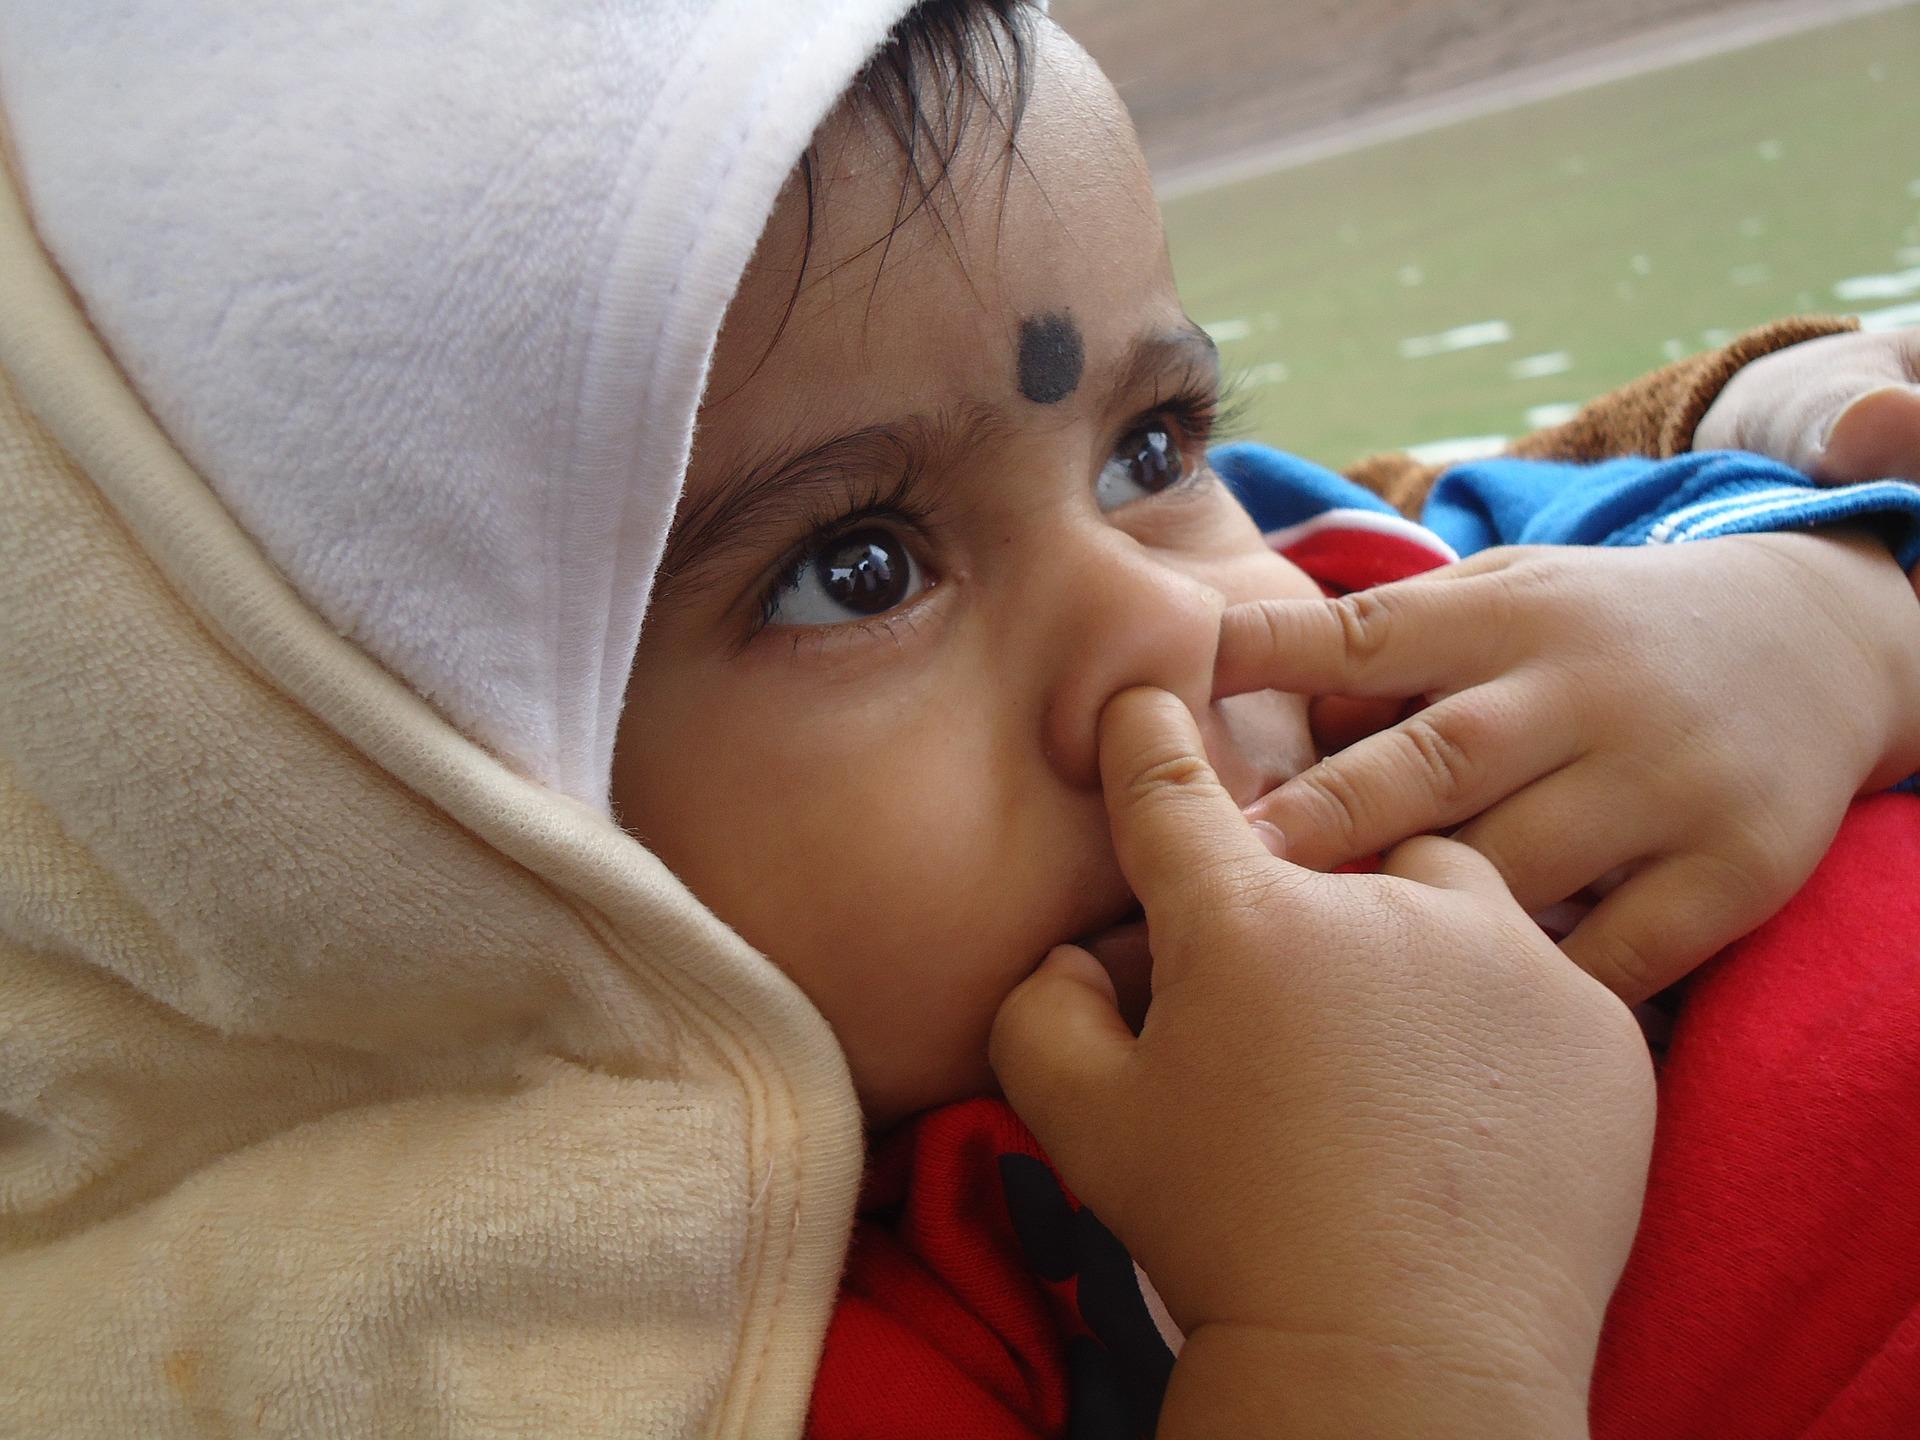 Kleinkind steckt sich Finger in die Nase